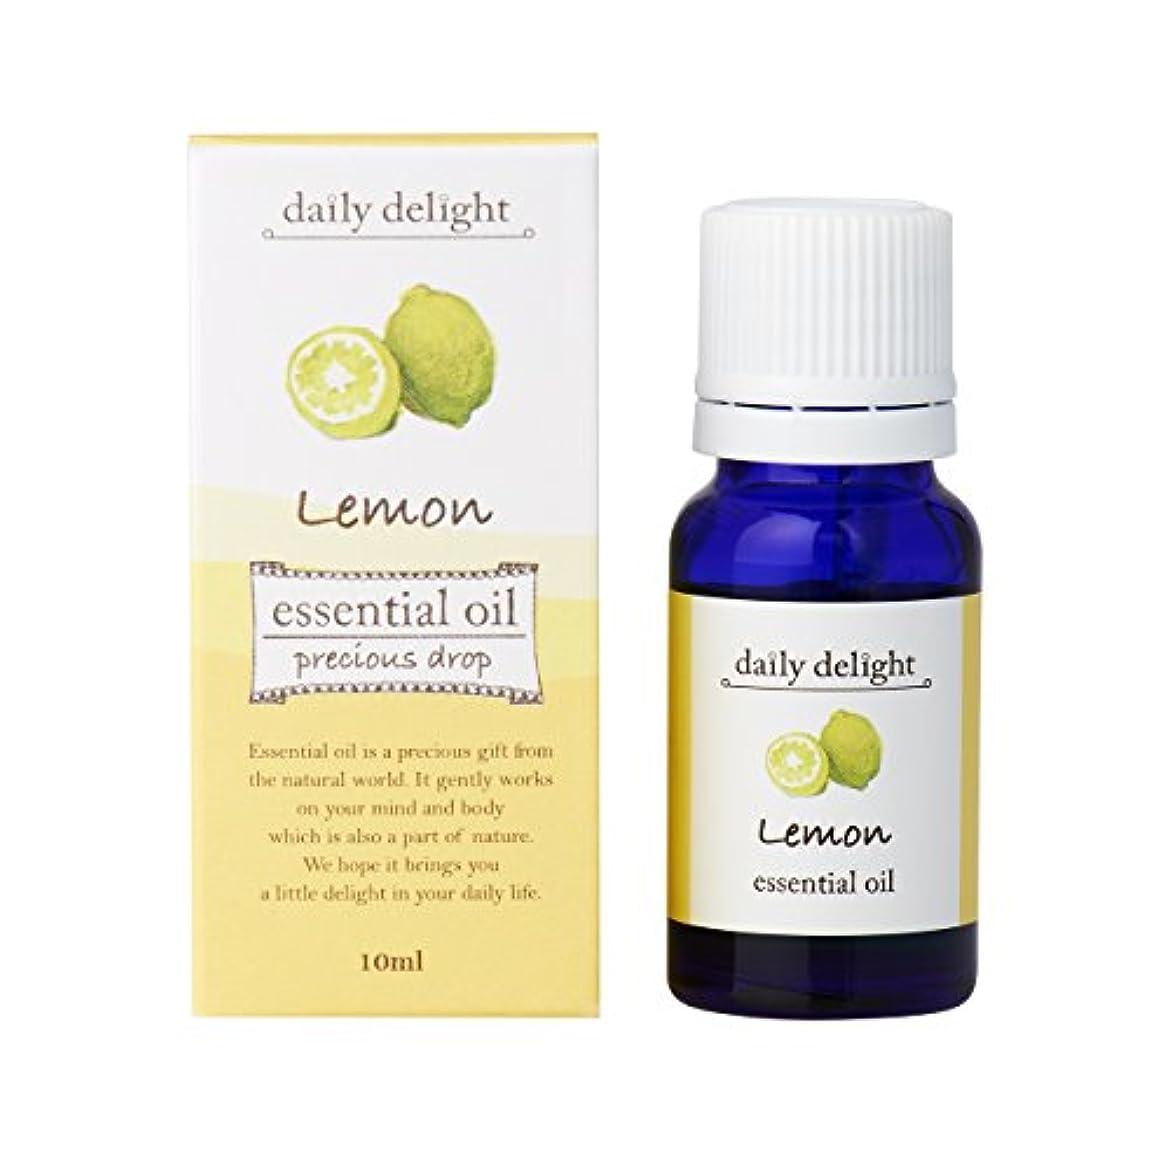 逆に寄付葡萄デイリーディライト エッセンシャルオイル  レモン 10ml(天然100% 精油 アロマ 柑橘系 さっぱりして気分転換におすすめの香り)